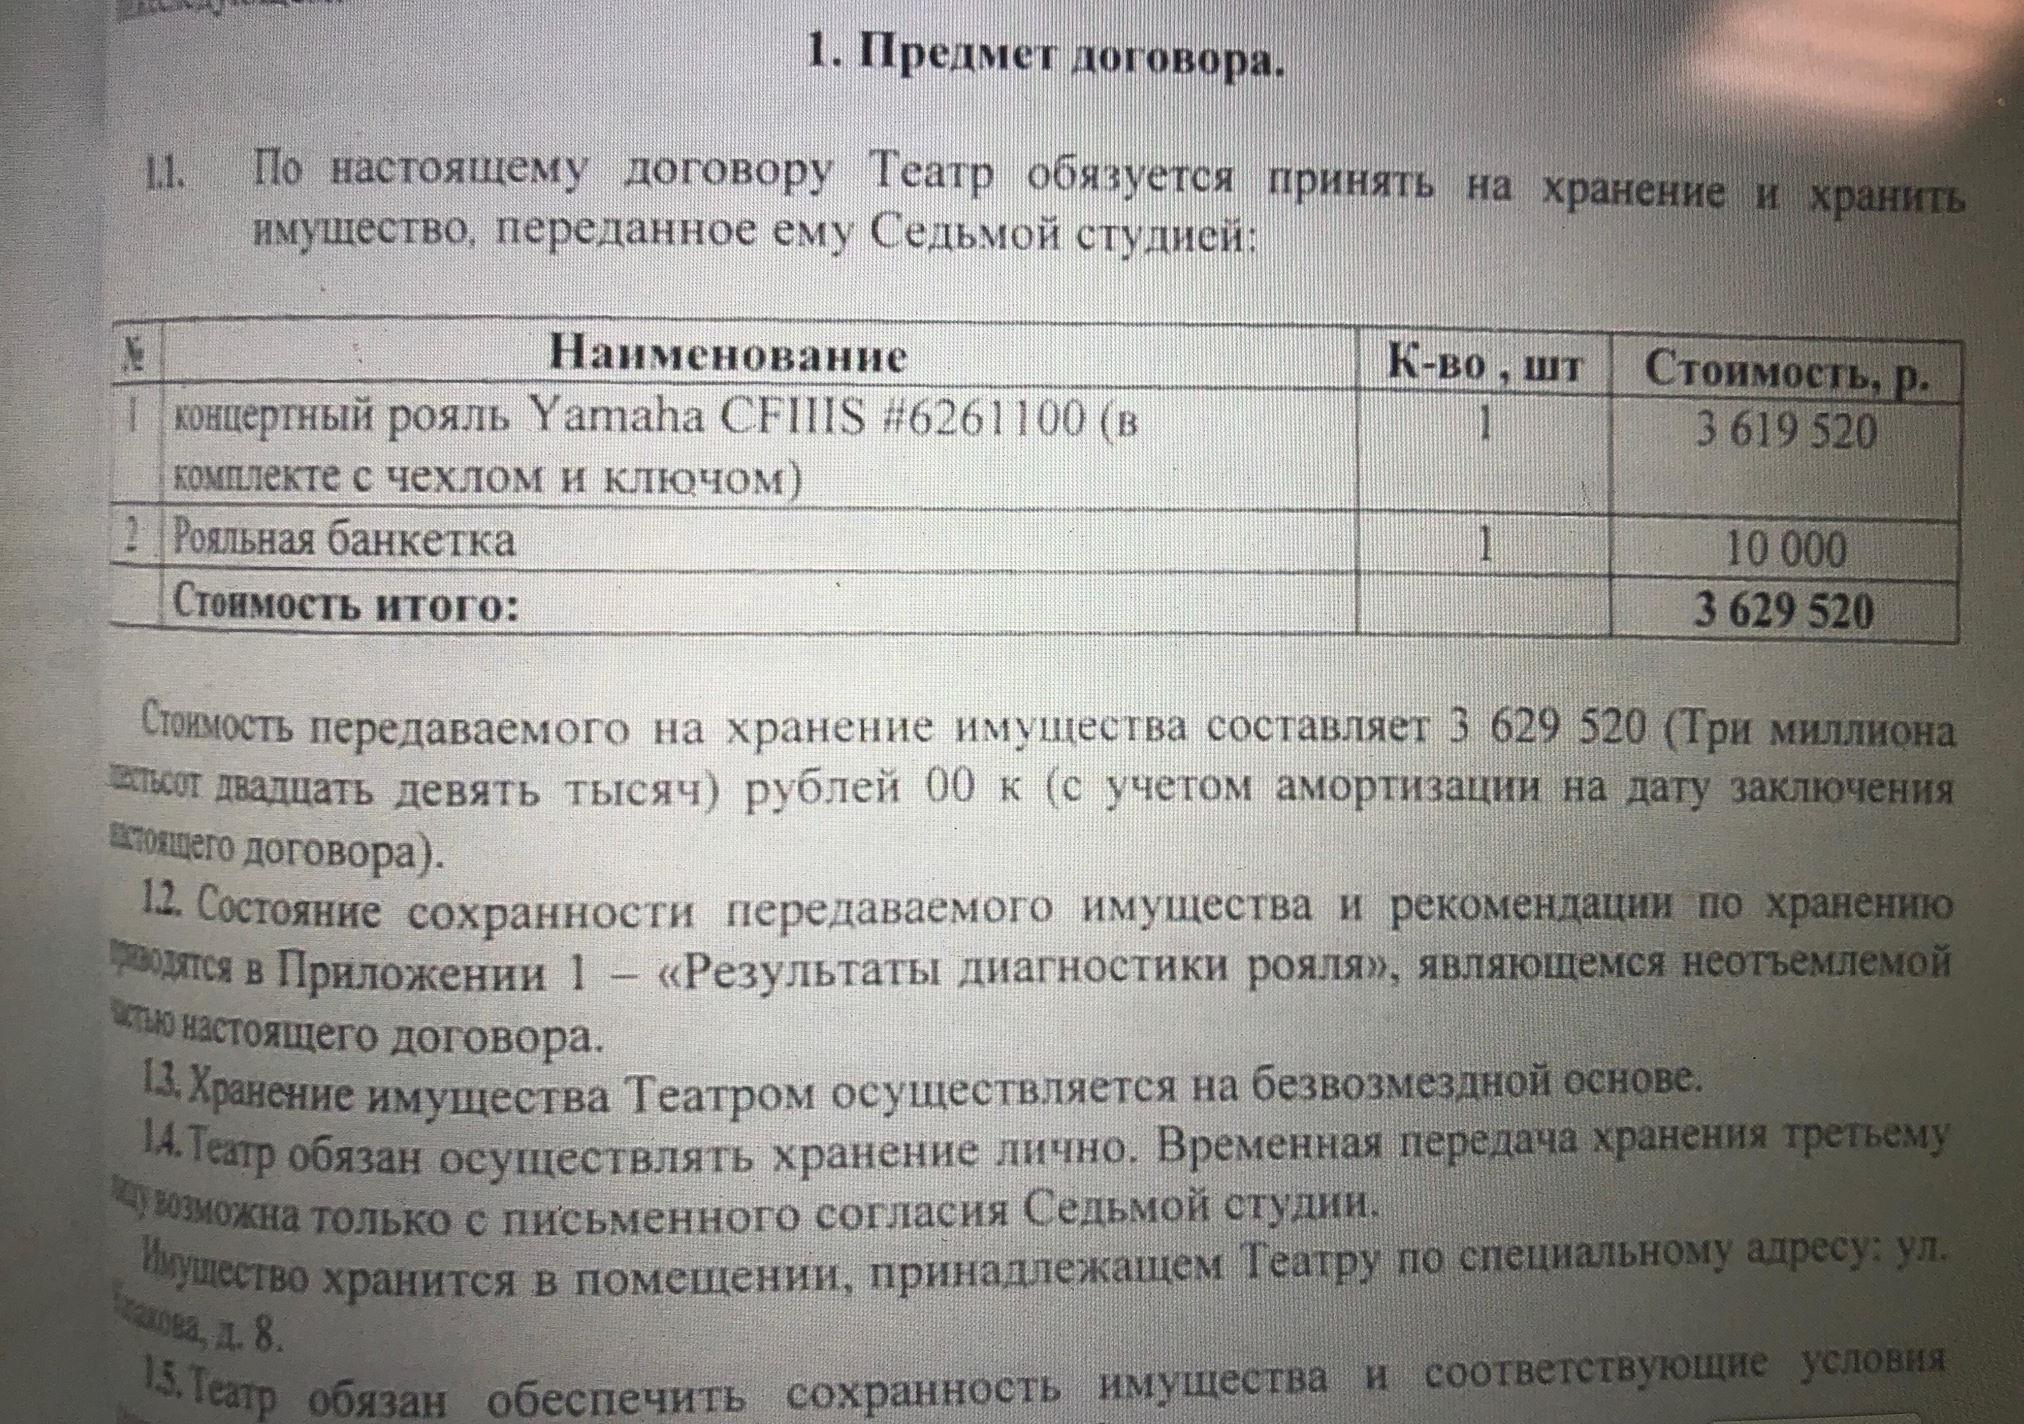 Договор между «Седьмой студией» и «Гоголь-центром» о хранении рояля